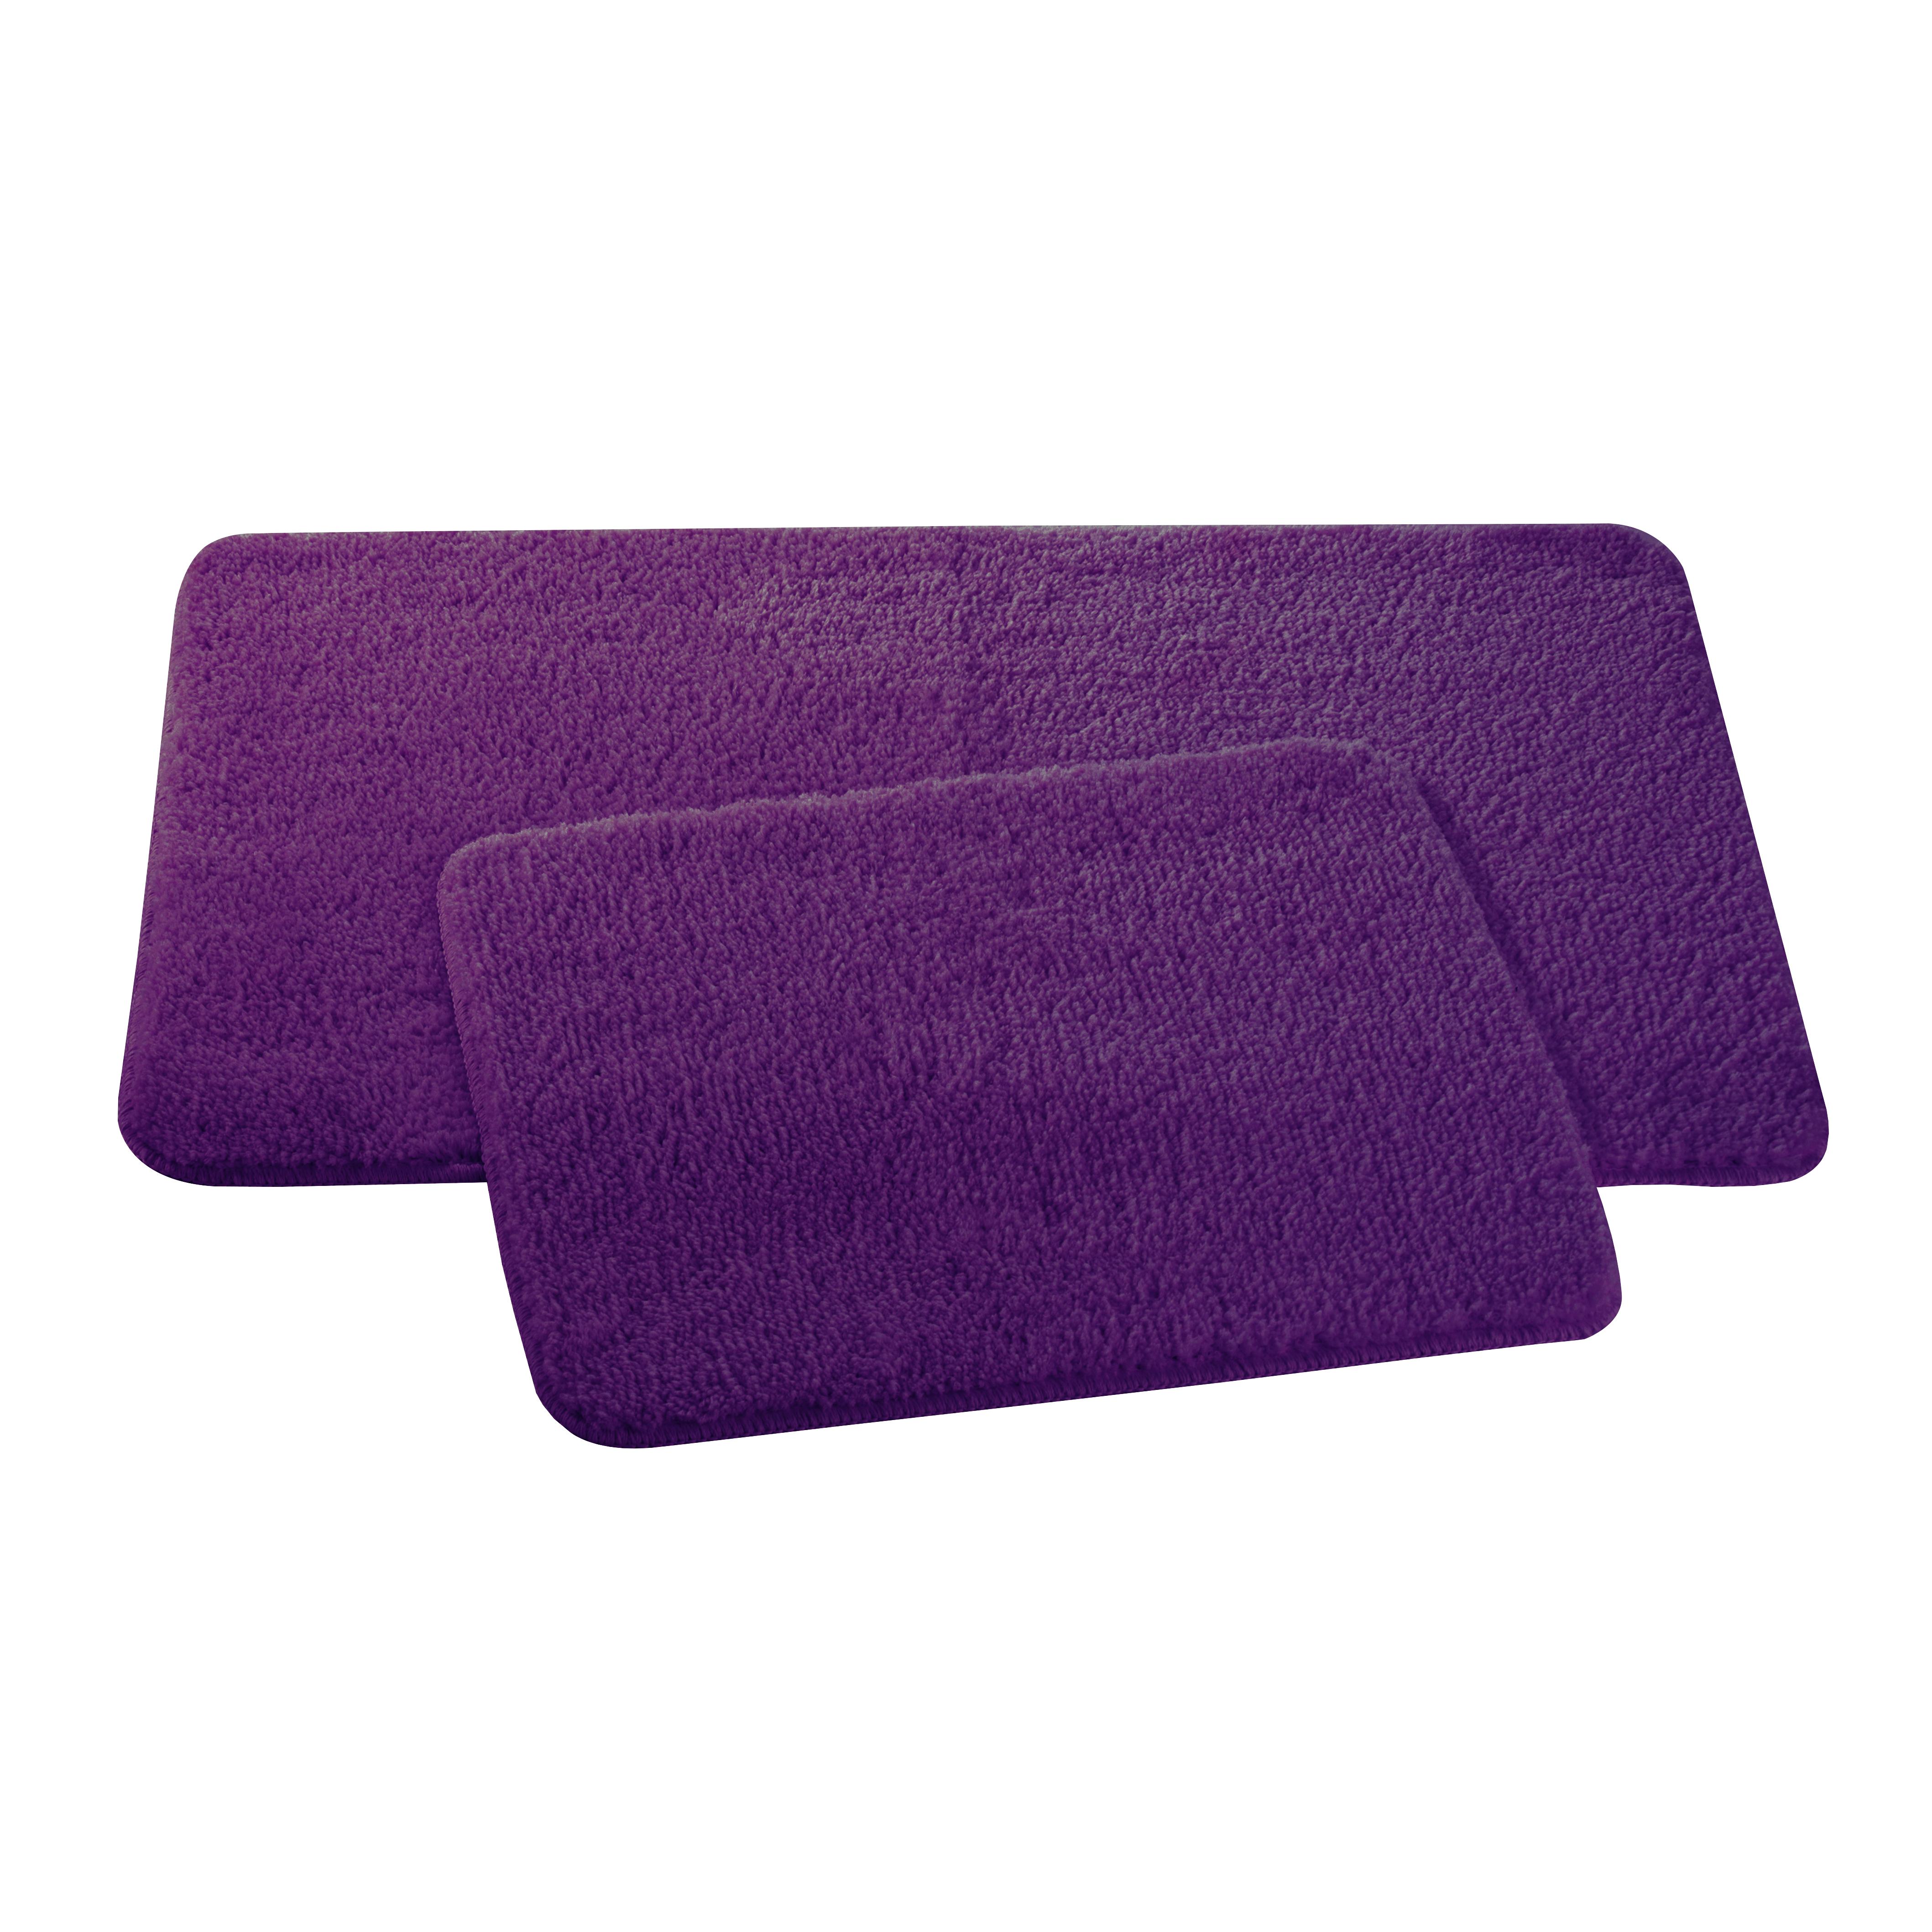 Набор ковриков для ванной и туалета Axentia, цвет: фиолетовый, 2 штS03301004Набор Axentia, выполненный из микрофибры (100% полиэстер), состоит из двух стеганых ковриков для ванной комнаты и туалета. Противоскользящее основание изготовлено из термопластичной резины и подходит для полов с подогревом. Коврики мягкие и приятные на ощупь, отлично впитывают влагу и быстро сохнут. Высокая износостойкость ковриков и стойкость цвета позволит вам наслаждаться покупкой долгие годы. Можно стирать в стиральной машине. Размер ковриков: 50 х 80 см; 50 х 40 см.Высота ворса 1,5 см.